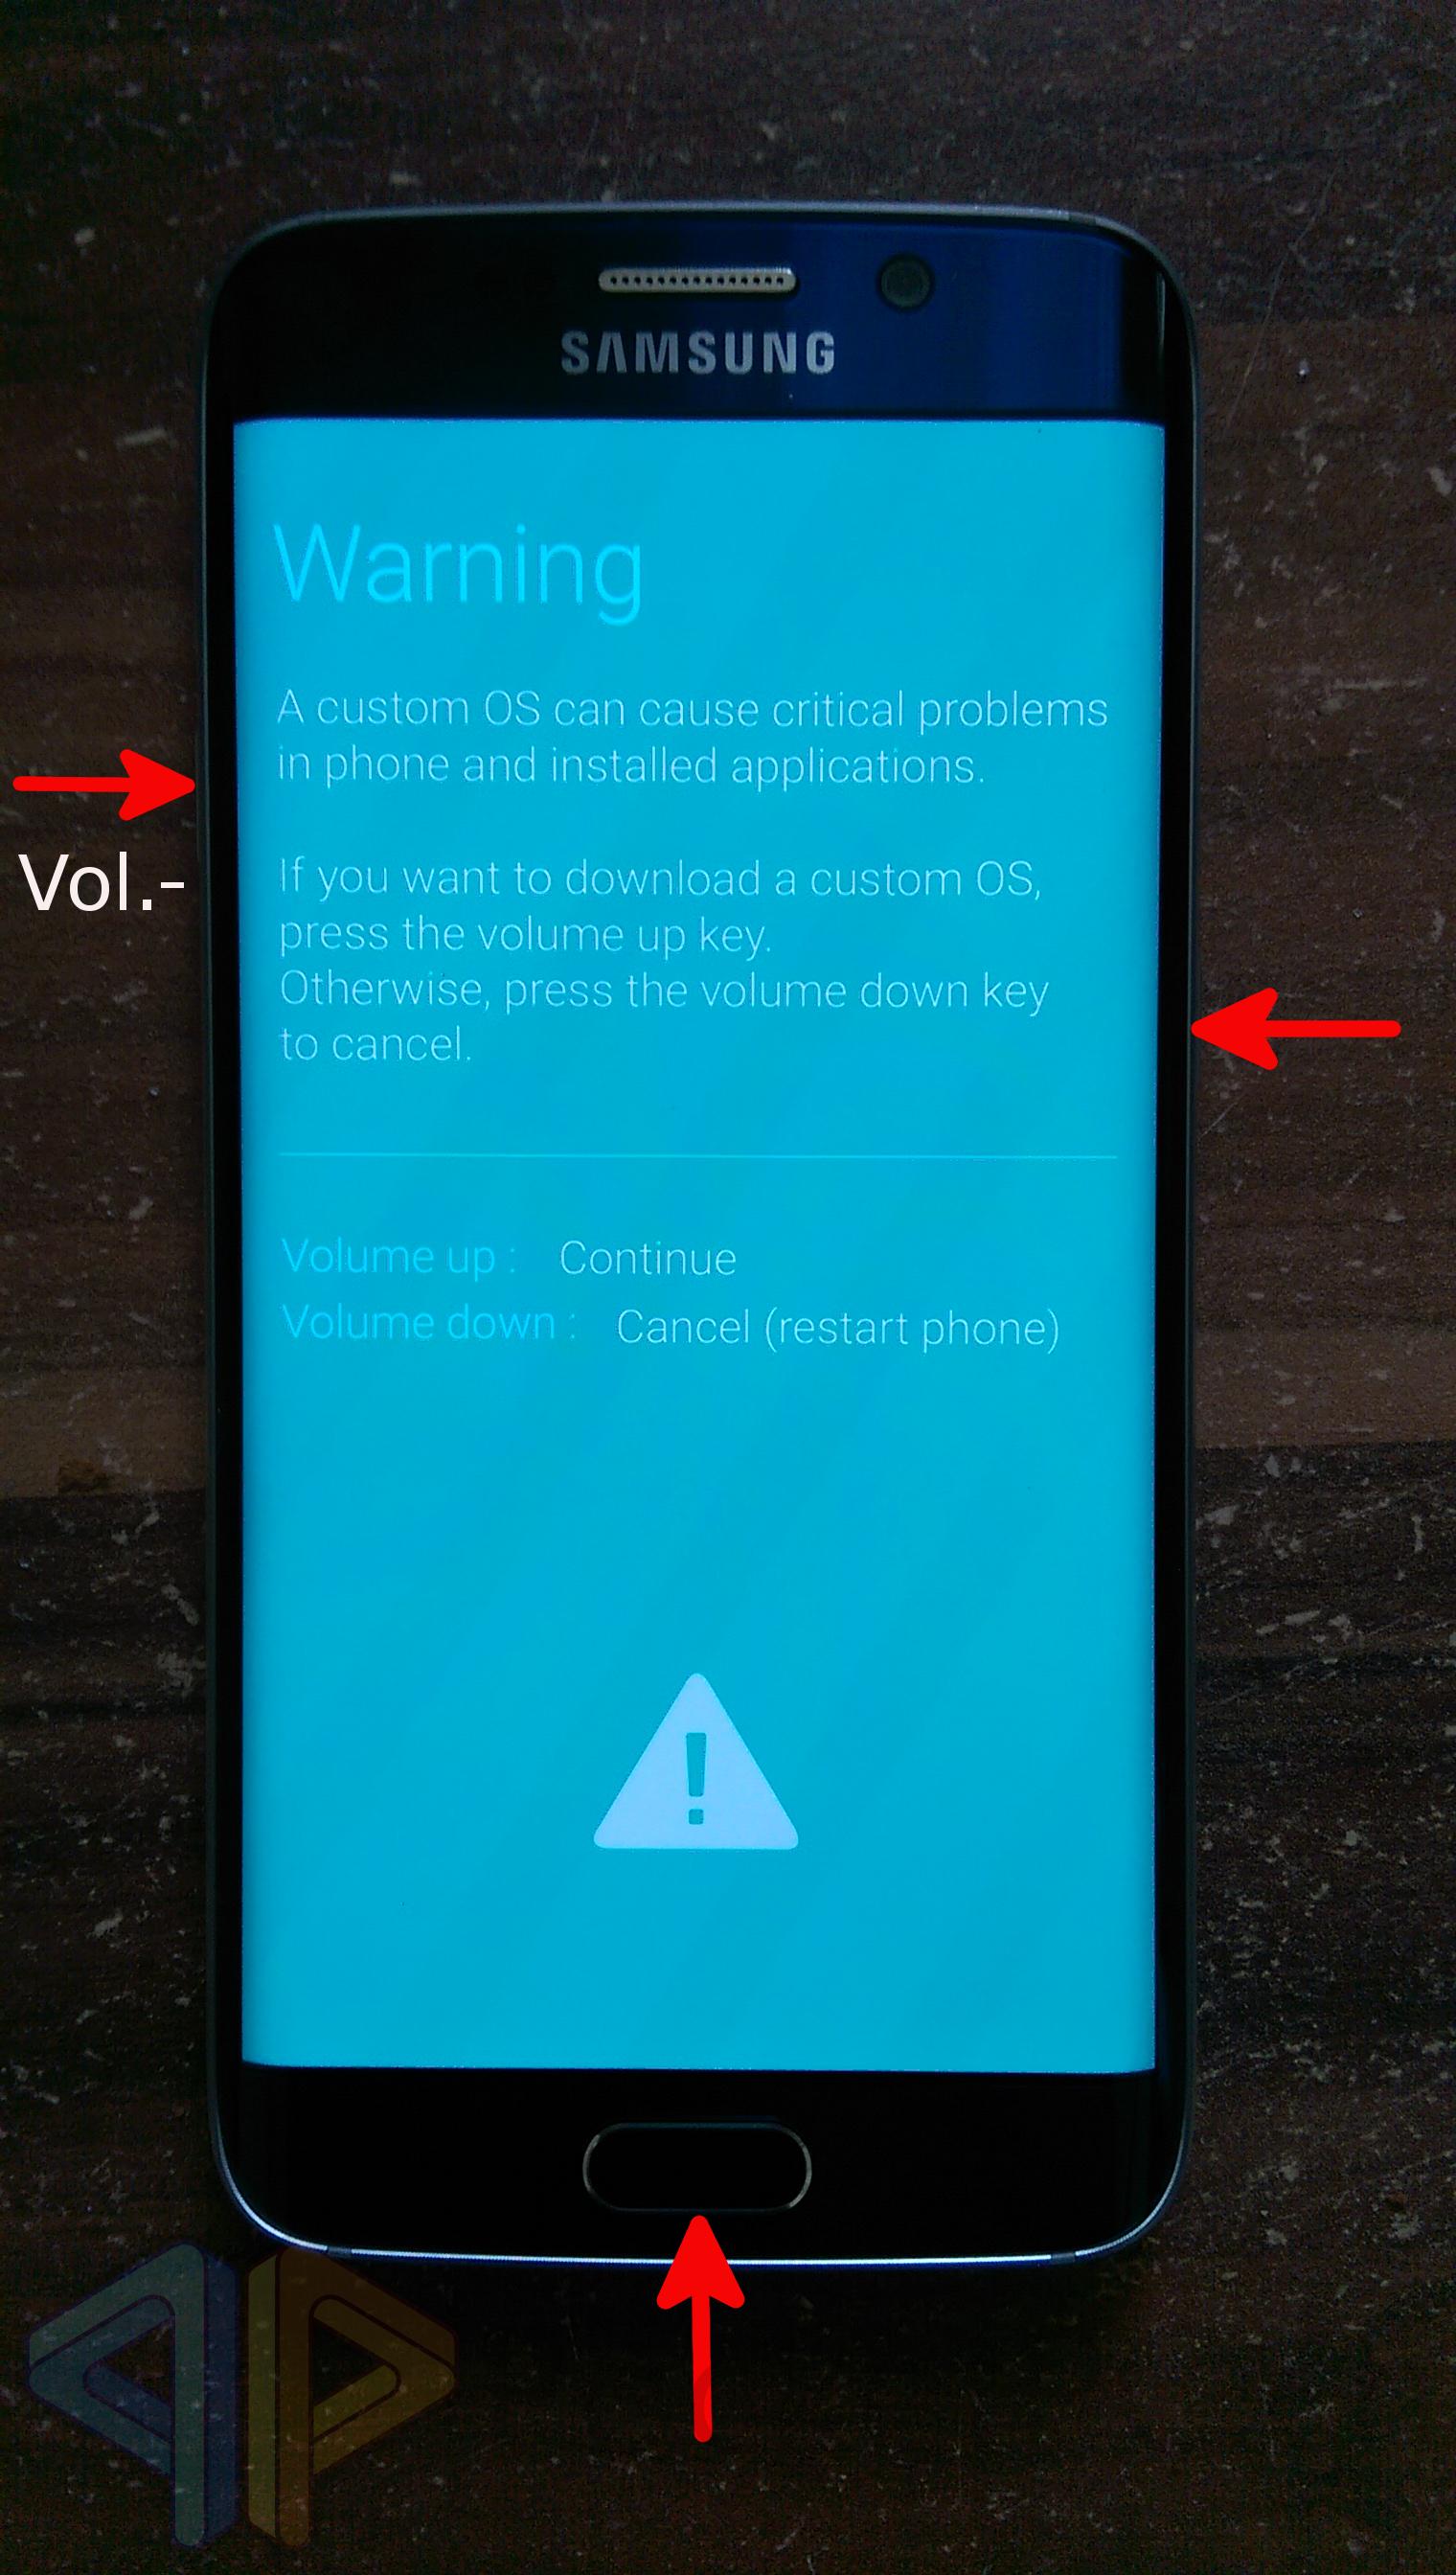 [Anleitung] Flashen einer Firmware mit Odin - Samsung Galaxy S7/S7 Edge [G930F/G935F]-171189d1429867550-anleitung-flashen-firmware-odin-samsung-galaxy-s6-edge-sm-g920f-g925f-171129d1.png